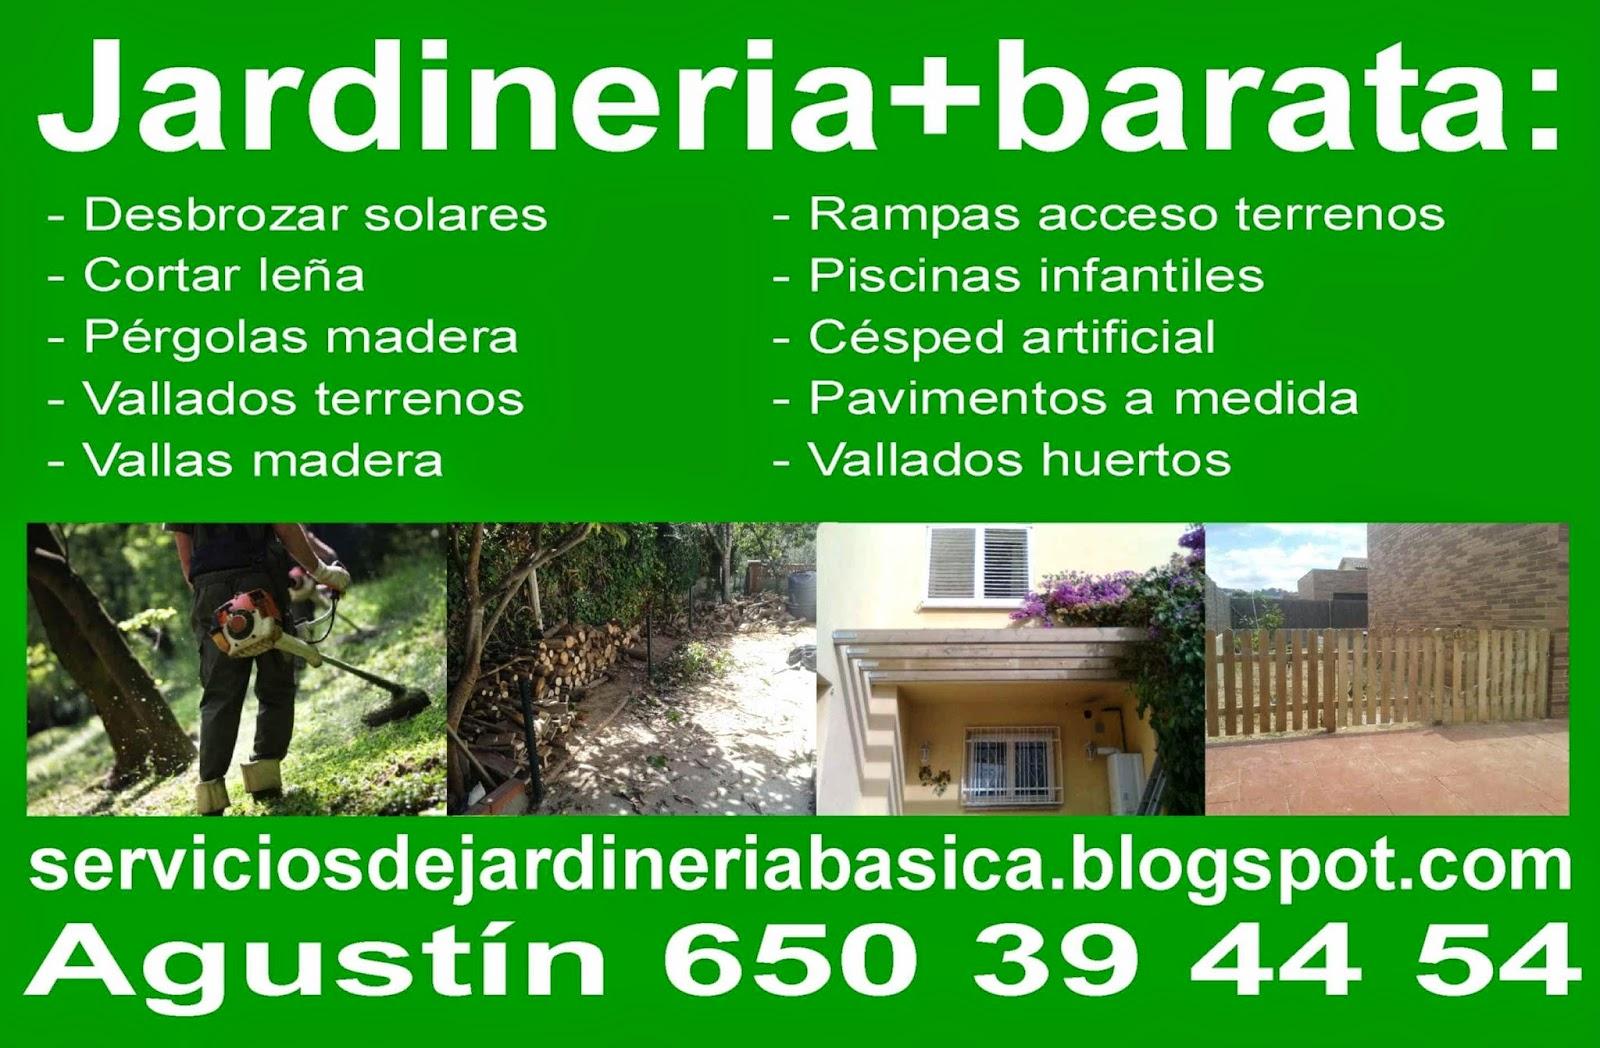 Serviciosdejardineriabasica jardineria barata atenci n r pida con whatsapp - Servicios de jardineria ...